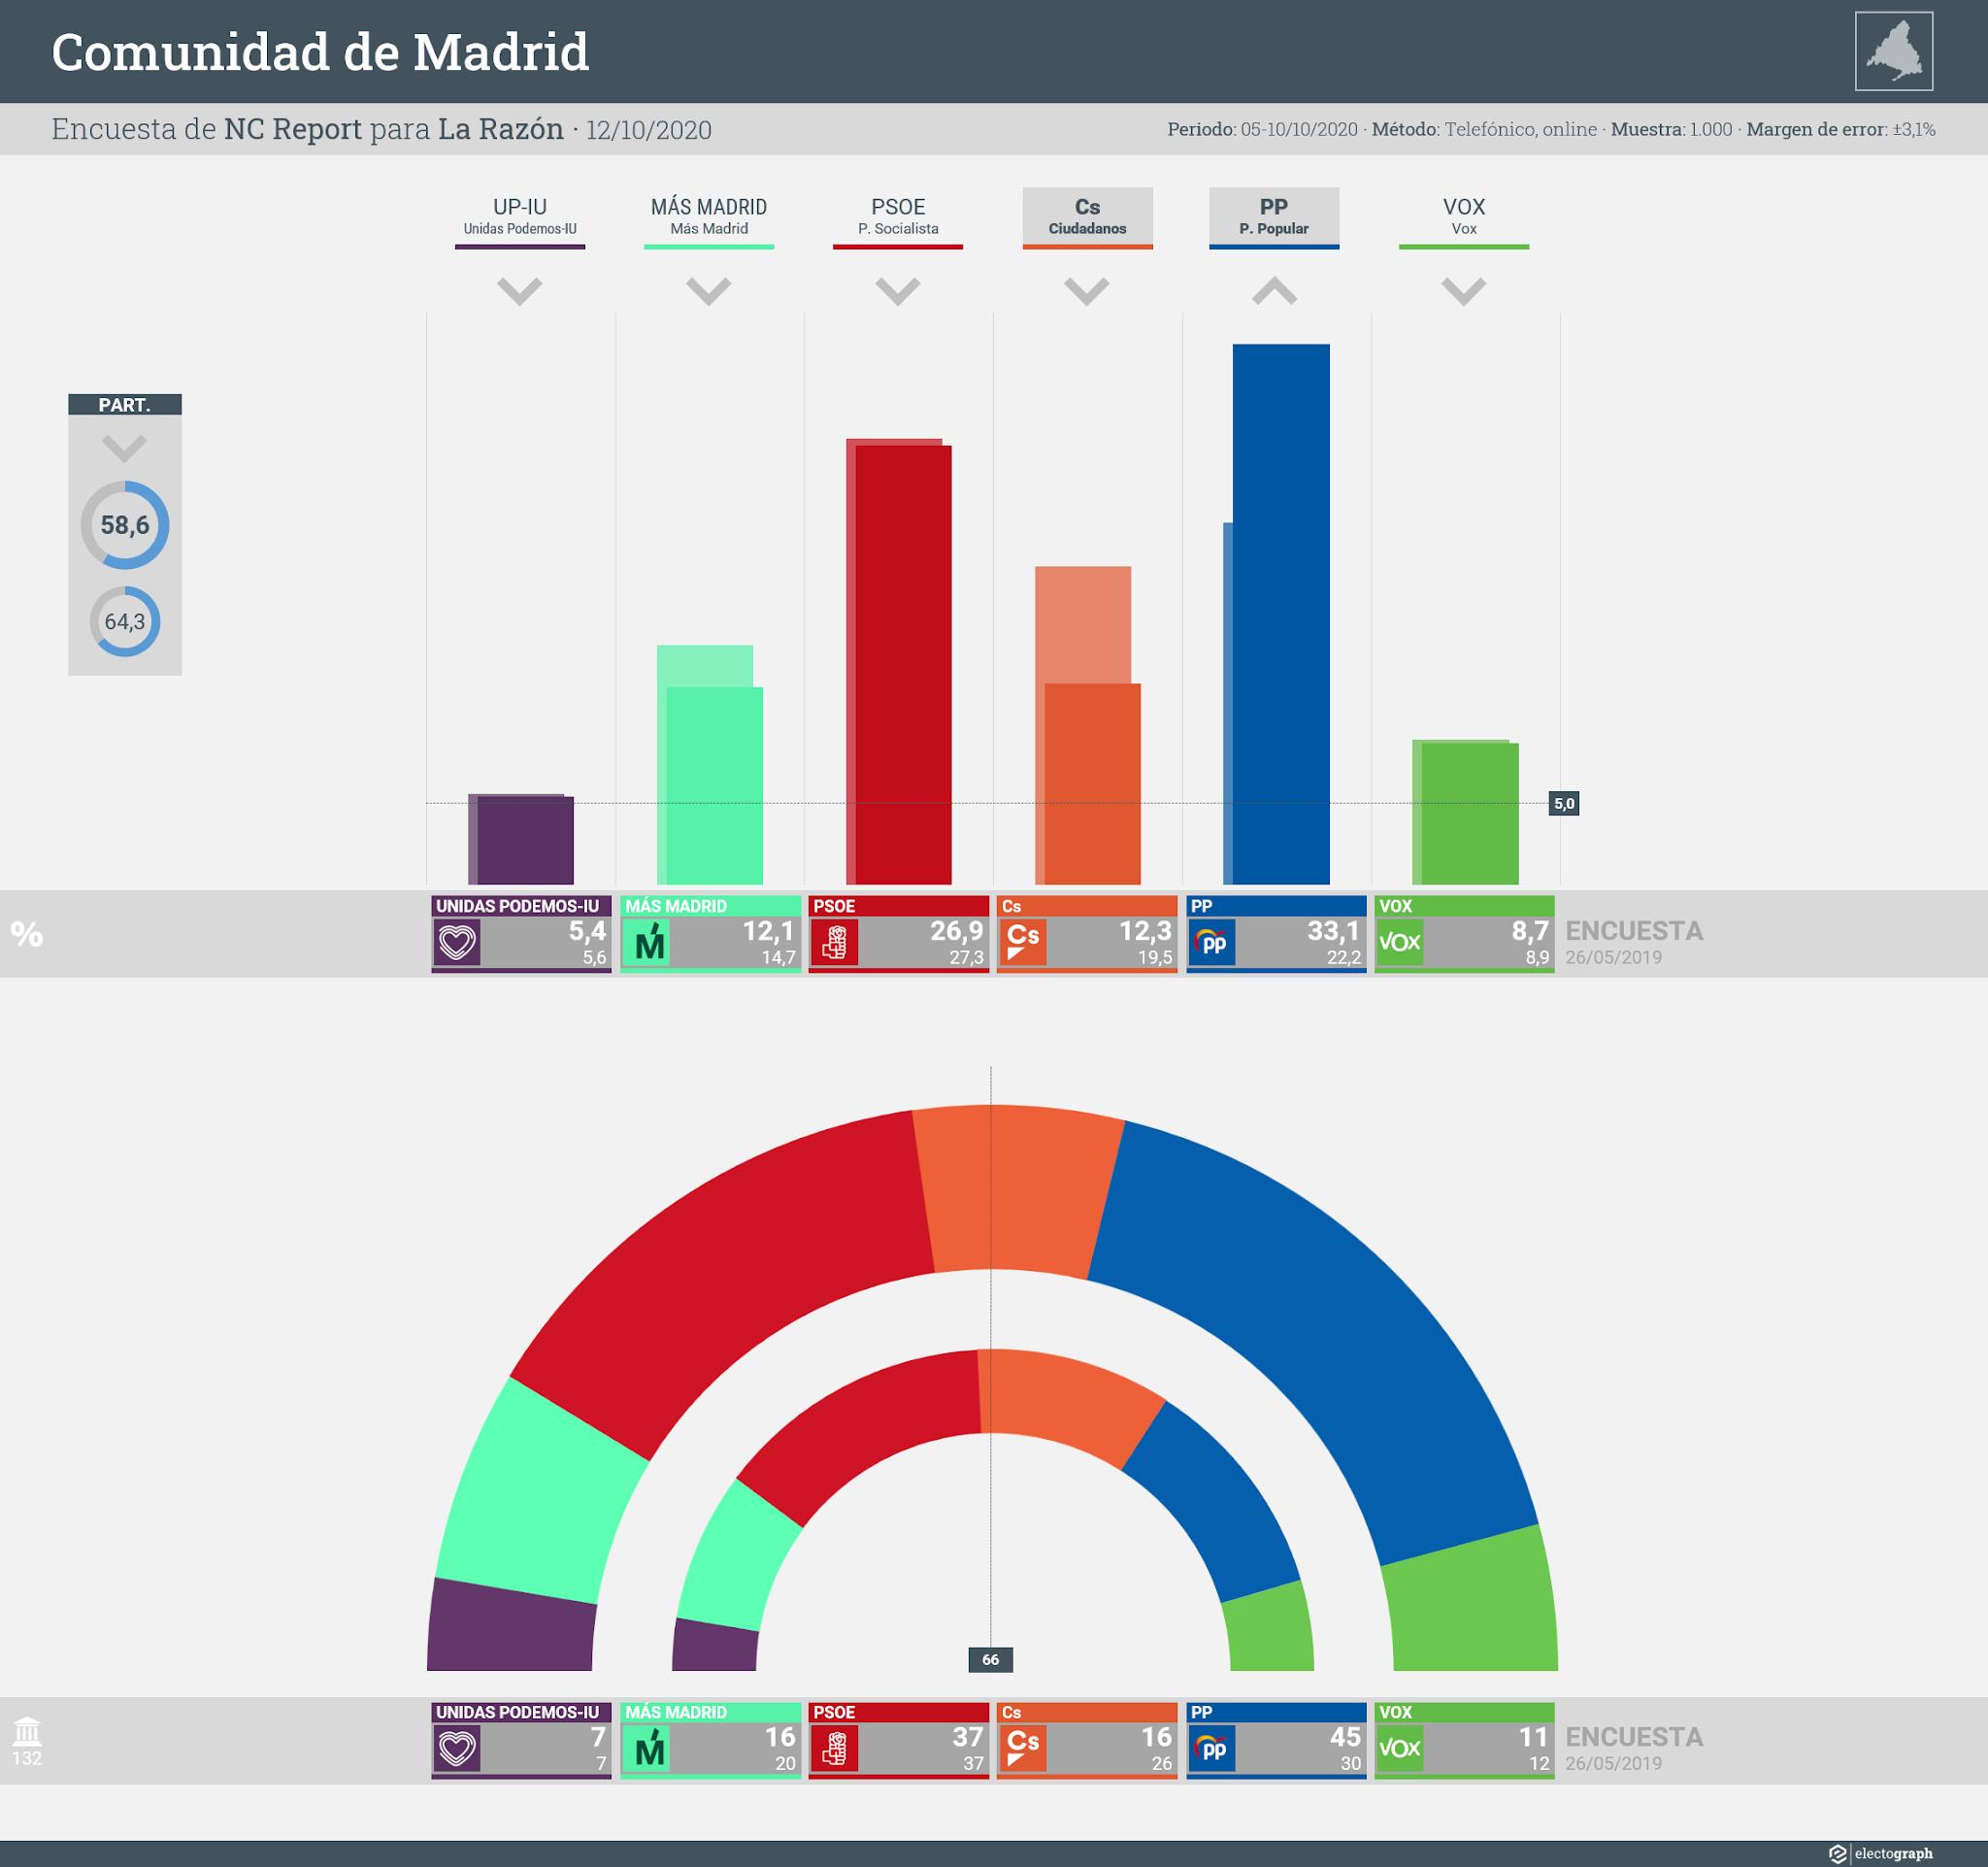 Gráfico de la encuesta para elecciones autonómicas en la Comunidad de Madrid realizada por NC Report para La Razón, 12 de octubre de 2020